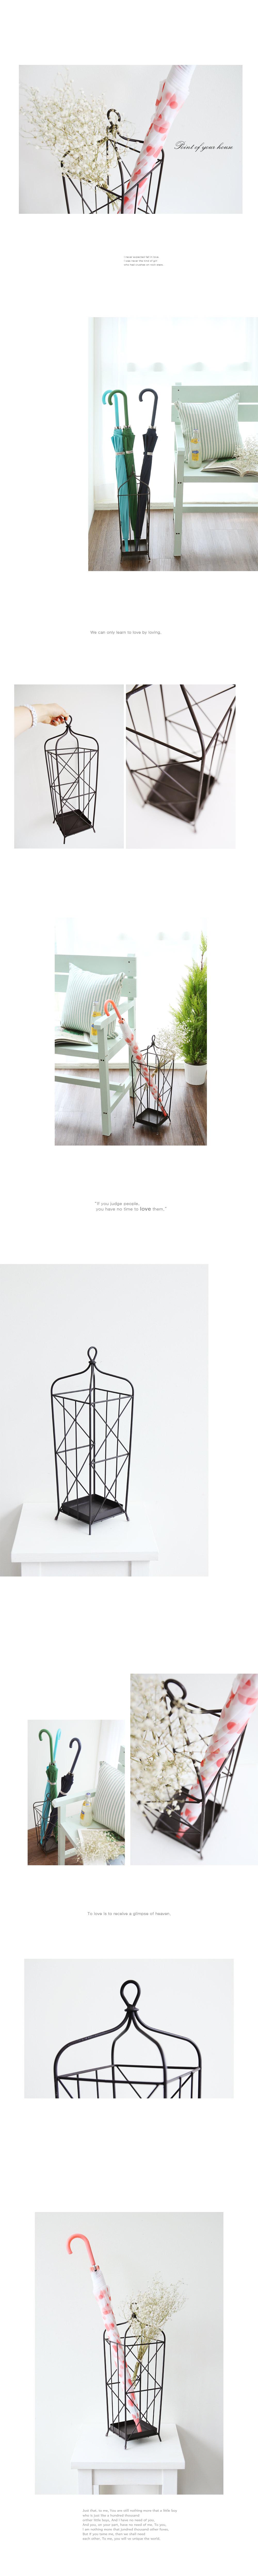 철재 심플 우산꽂이- - 안나하우스, 26,000원, 생활잡화, 우산꽂이